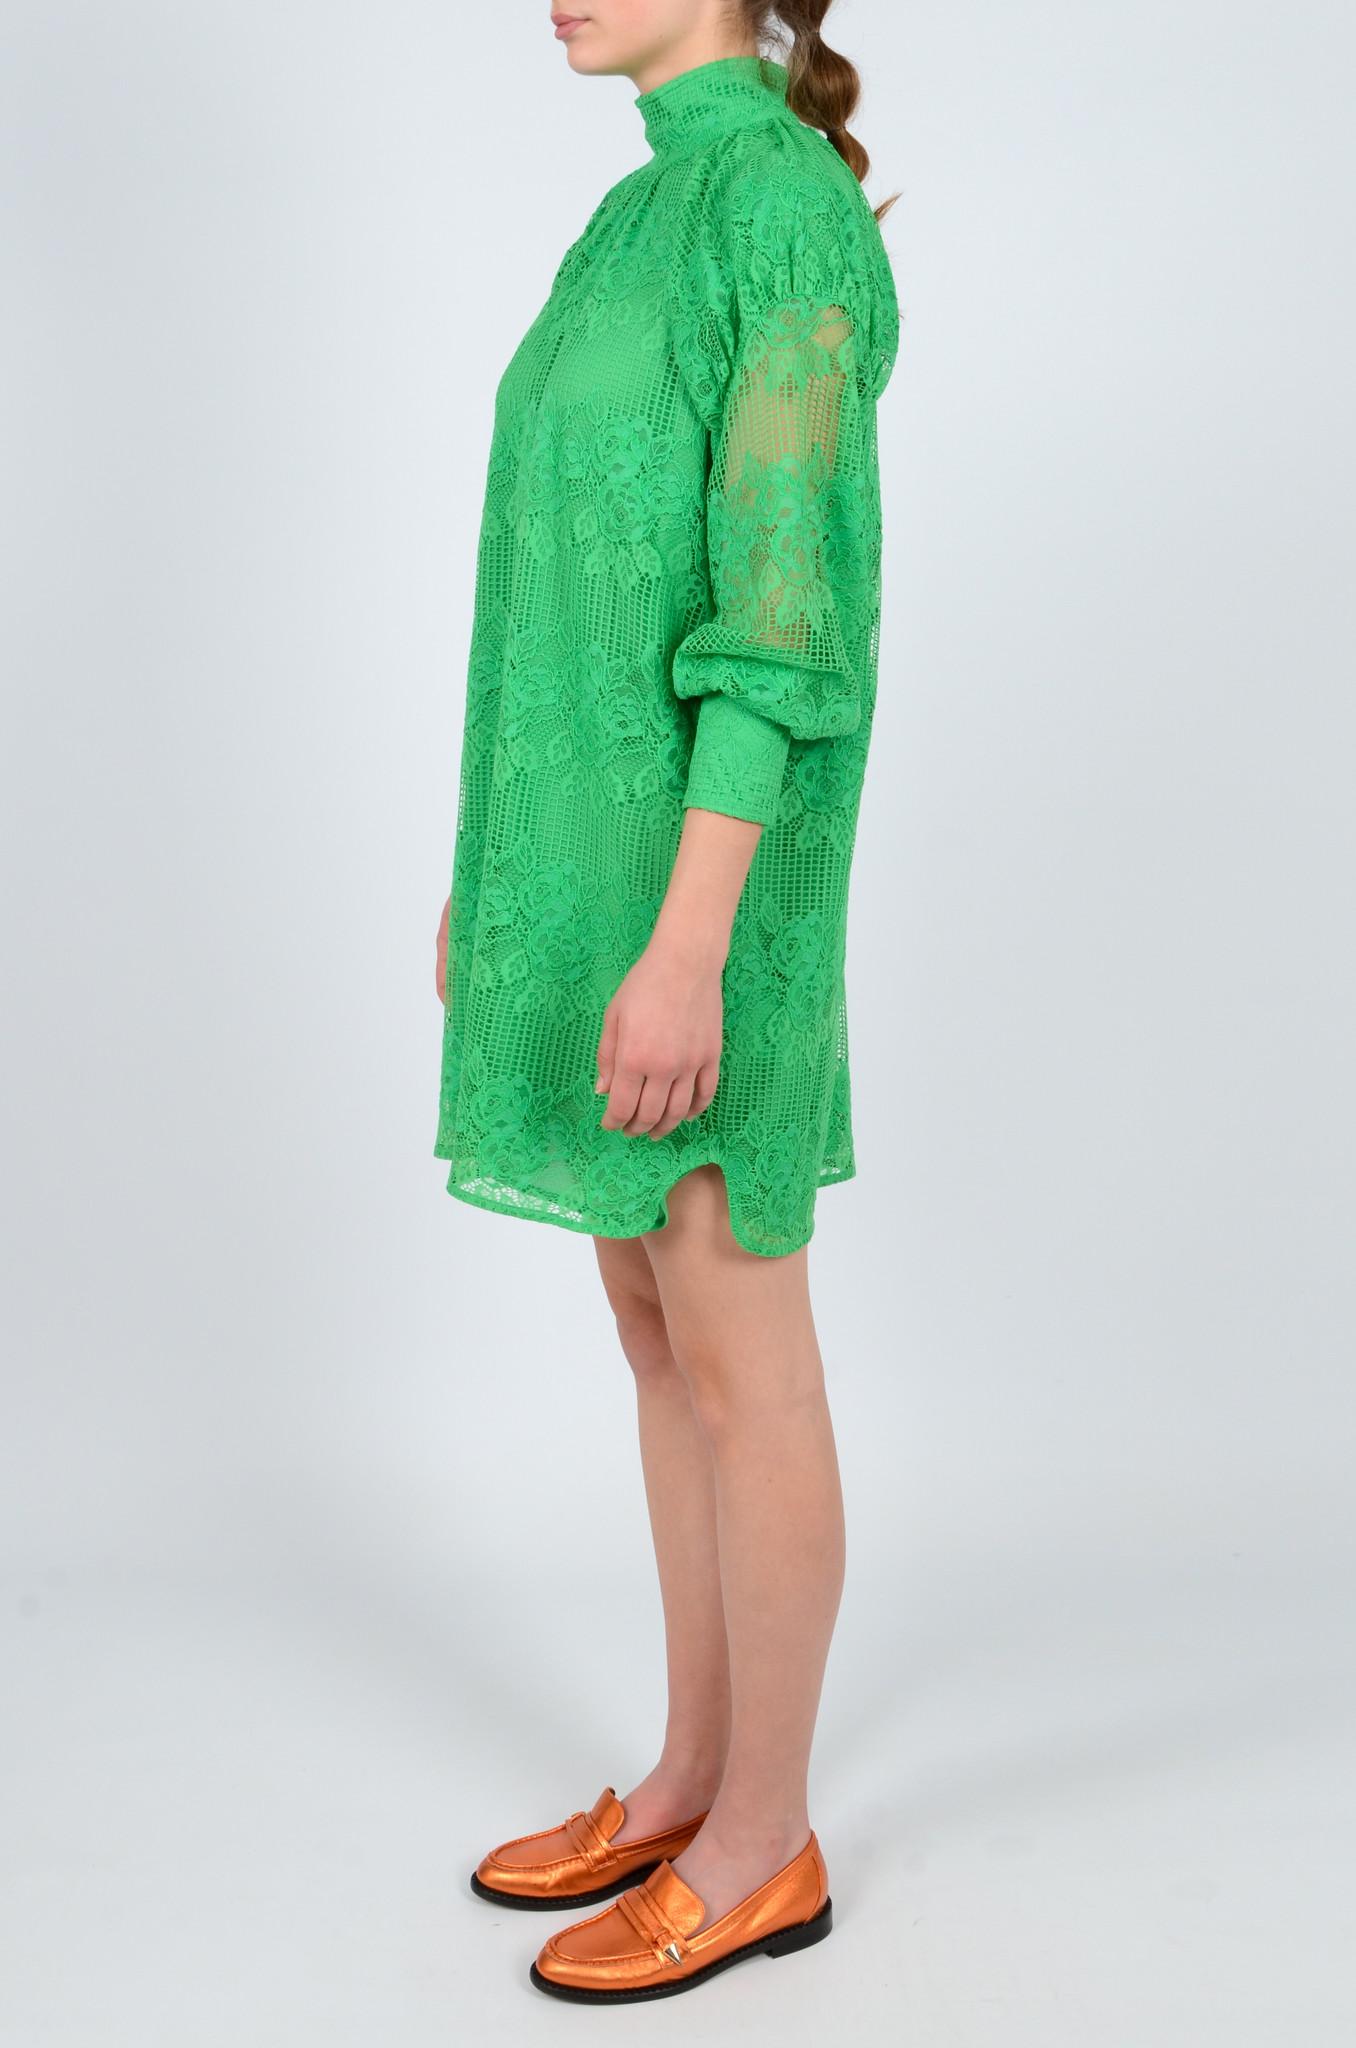 GREEN LACE DRESS-3